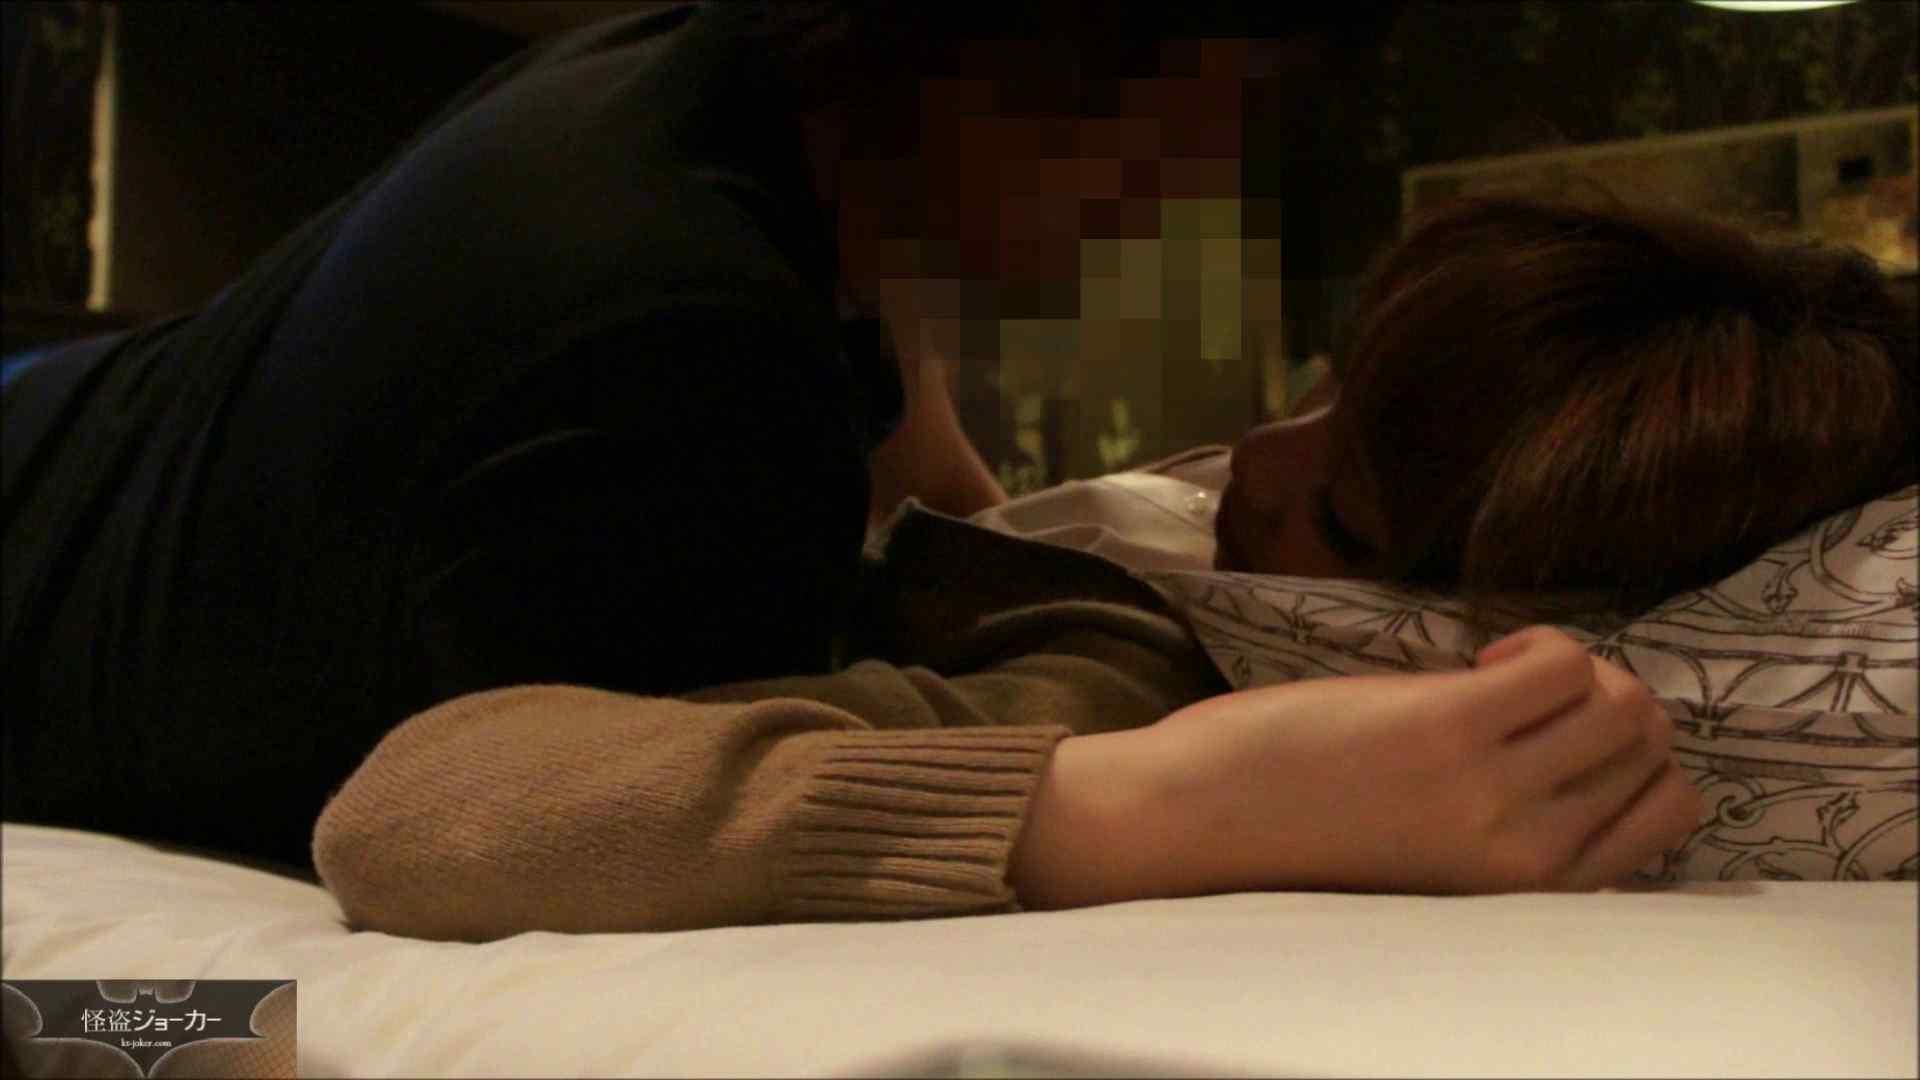 【未公開】vol.38 制月反コスの小春・・・幼顔に精液を垂らして。 ギャル攻め | ラブホテル  93画像 31